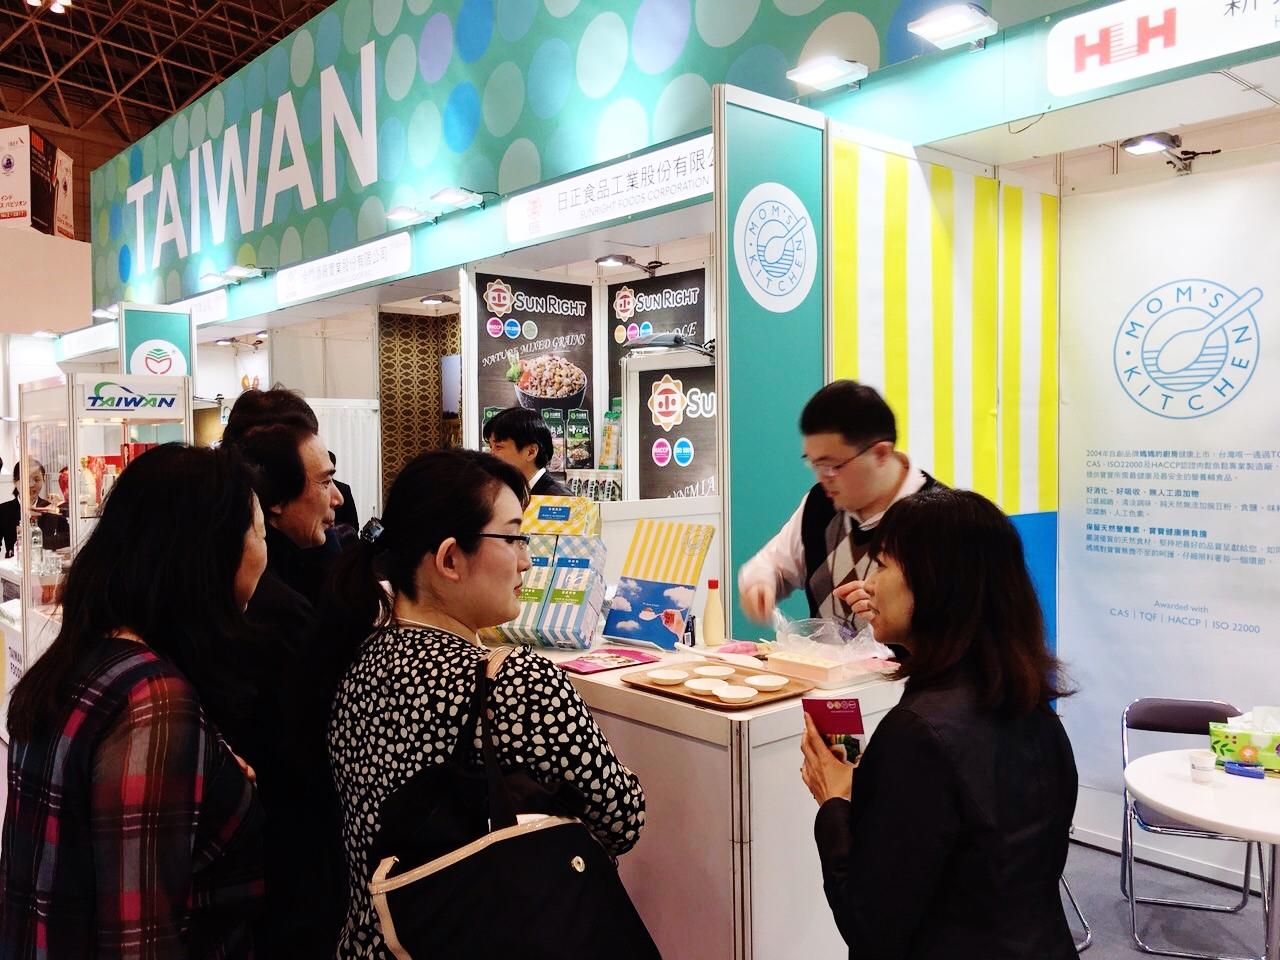 圖片為2016年台灣食品業者參加東京食品展一景。